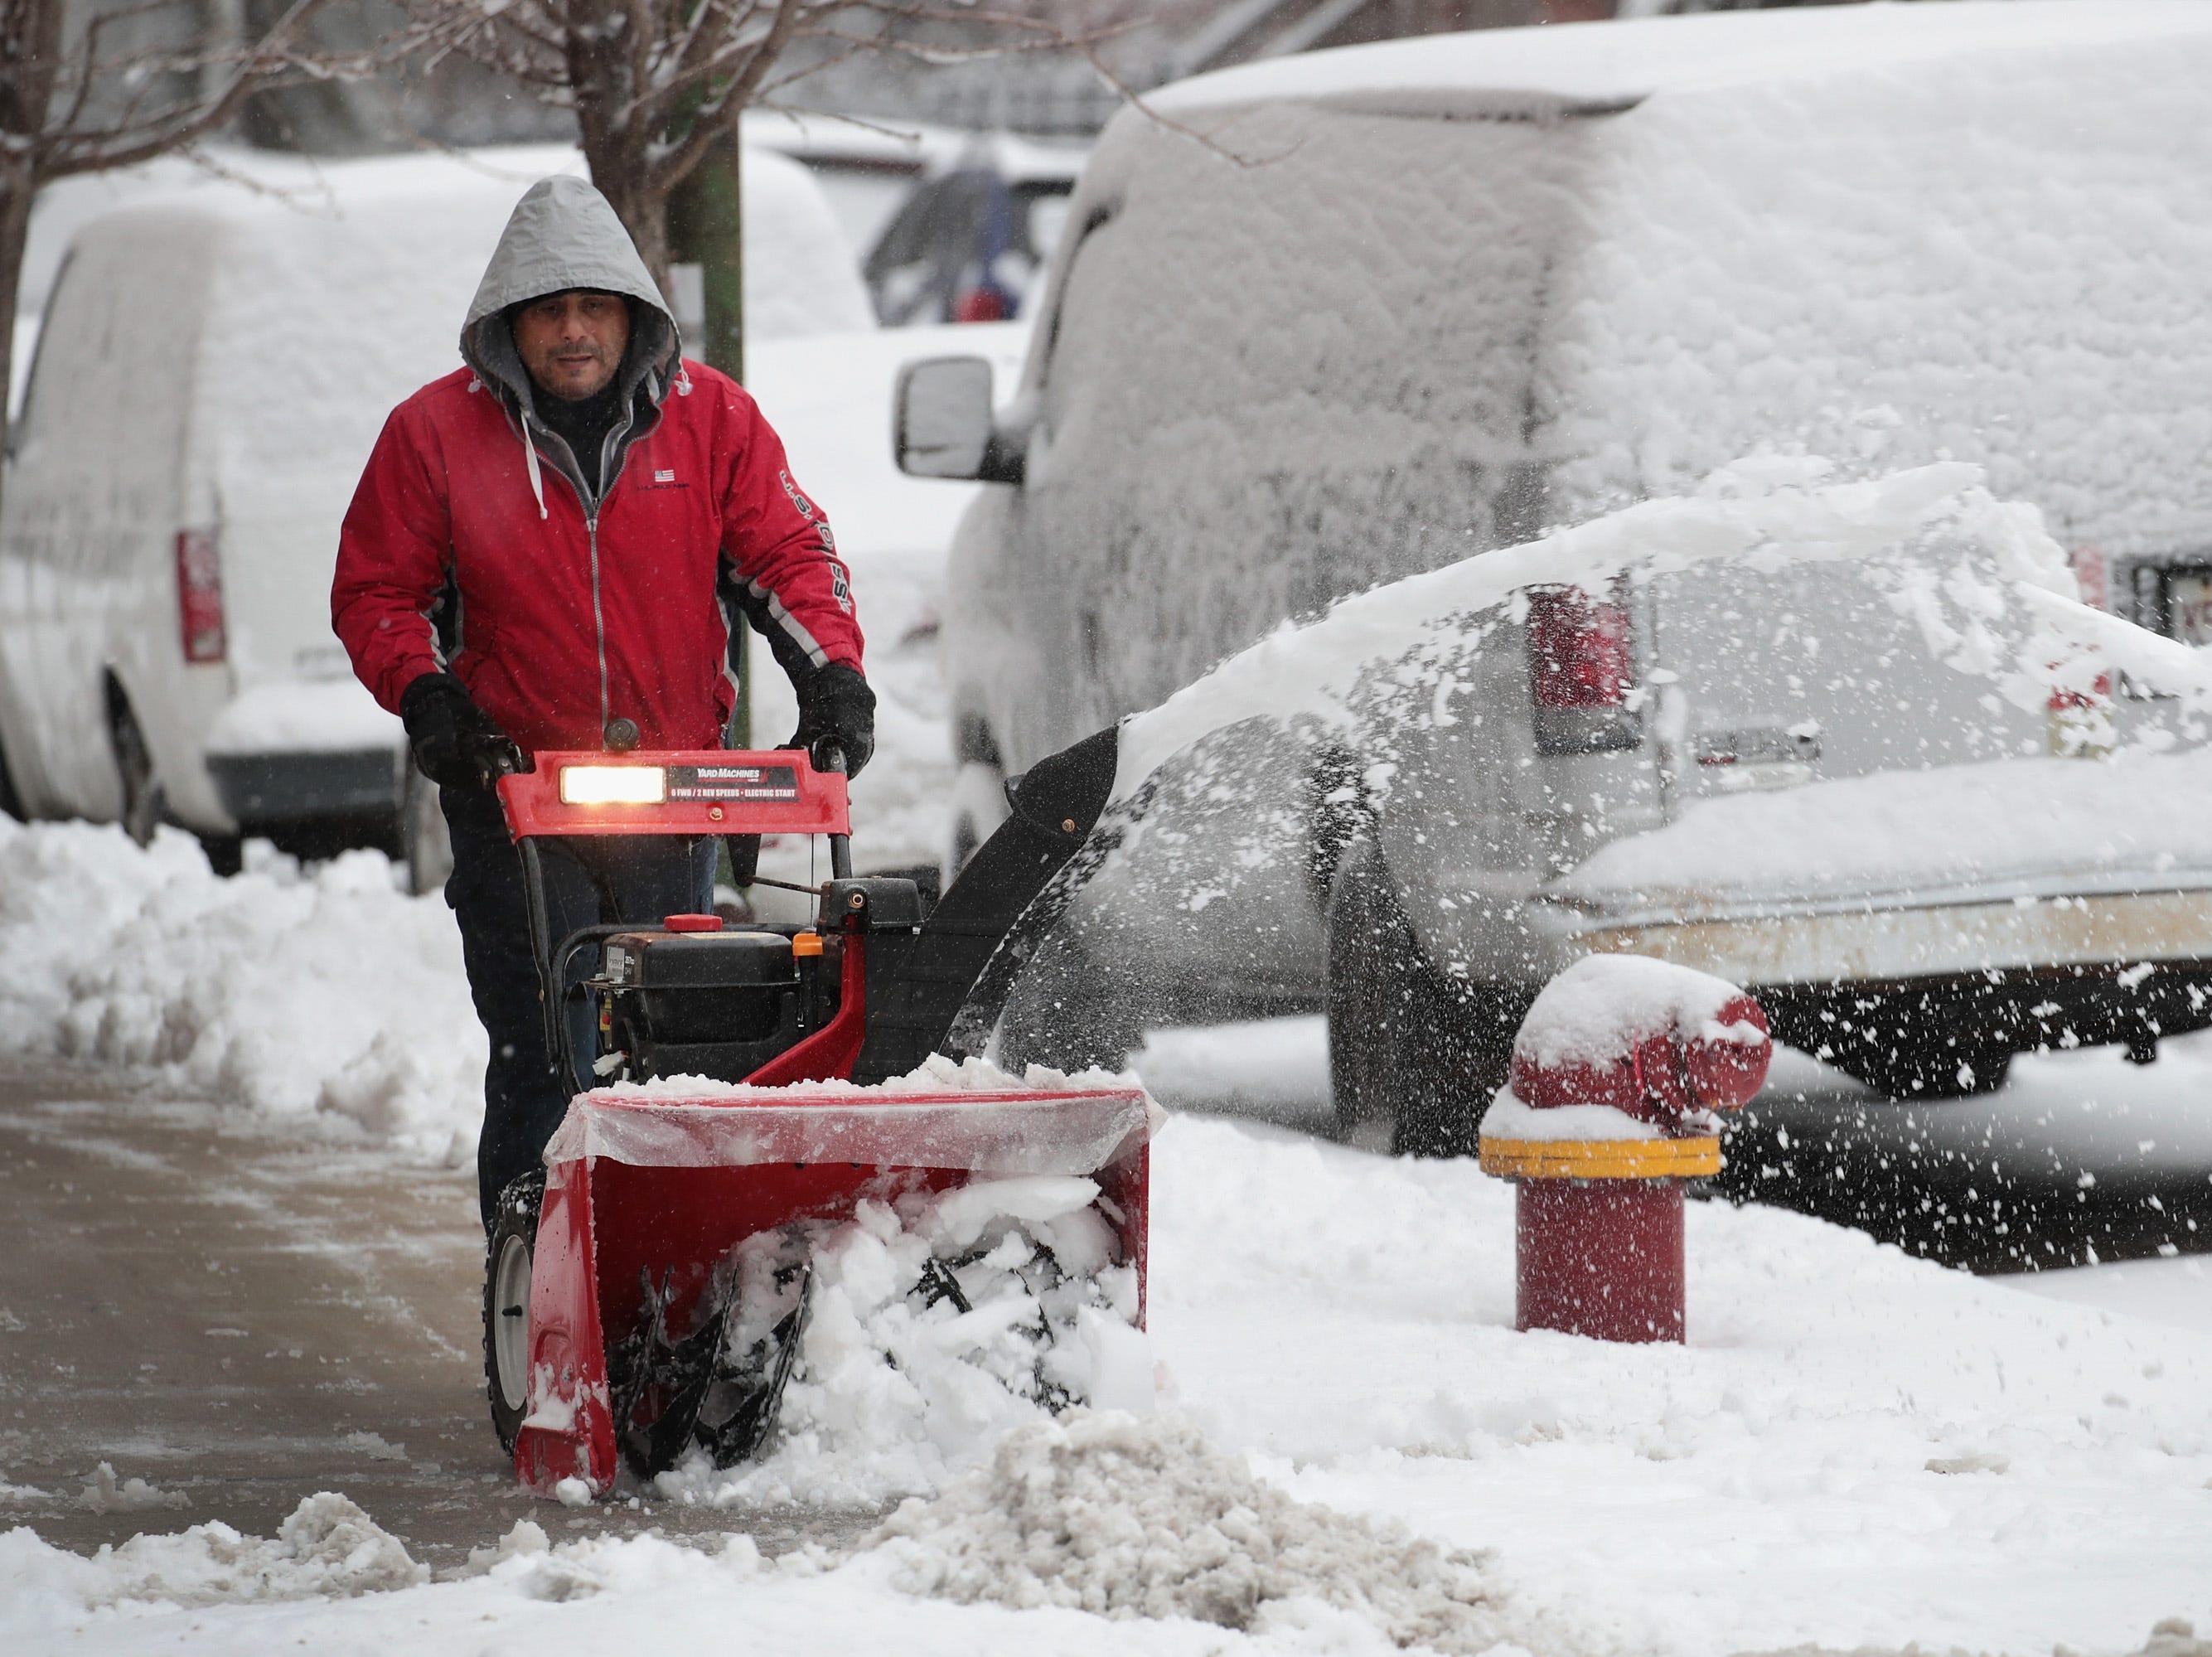 Los residentes de Humboldt Park quitan la nieve después de una tormenta que arrojó varias pulgadas de nieve en el vecindario el 26 de noviembre de 2018 en Chicago, Illinois. La tormenta, que comenzó el domingo por la mañana con la lluvia convirtiéndose en nieve, se elevó a un pie en Chicago y sus alrededores.